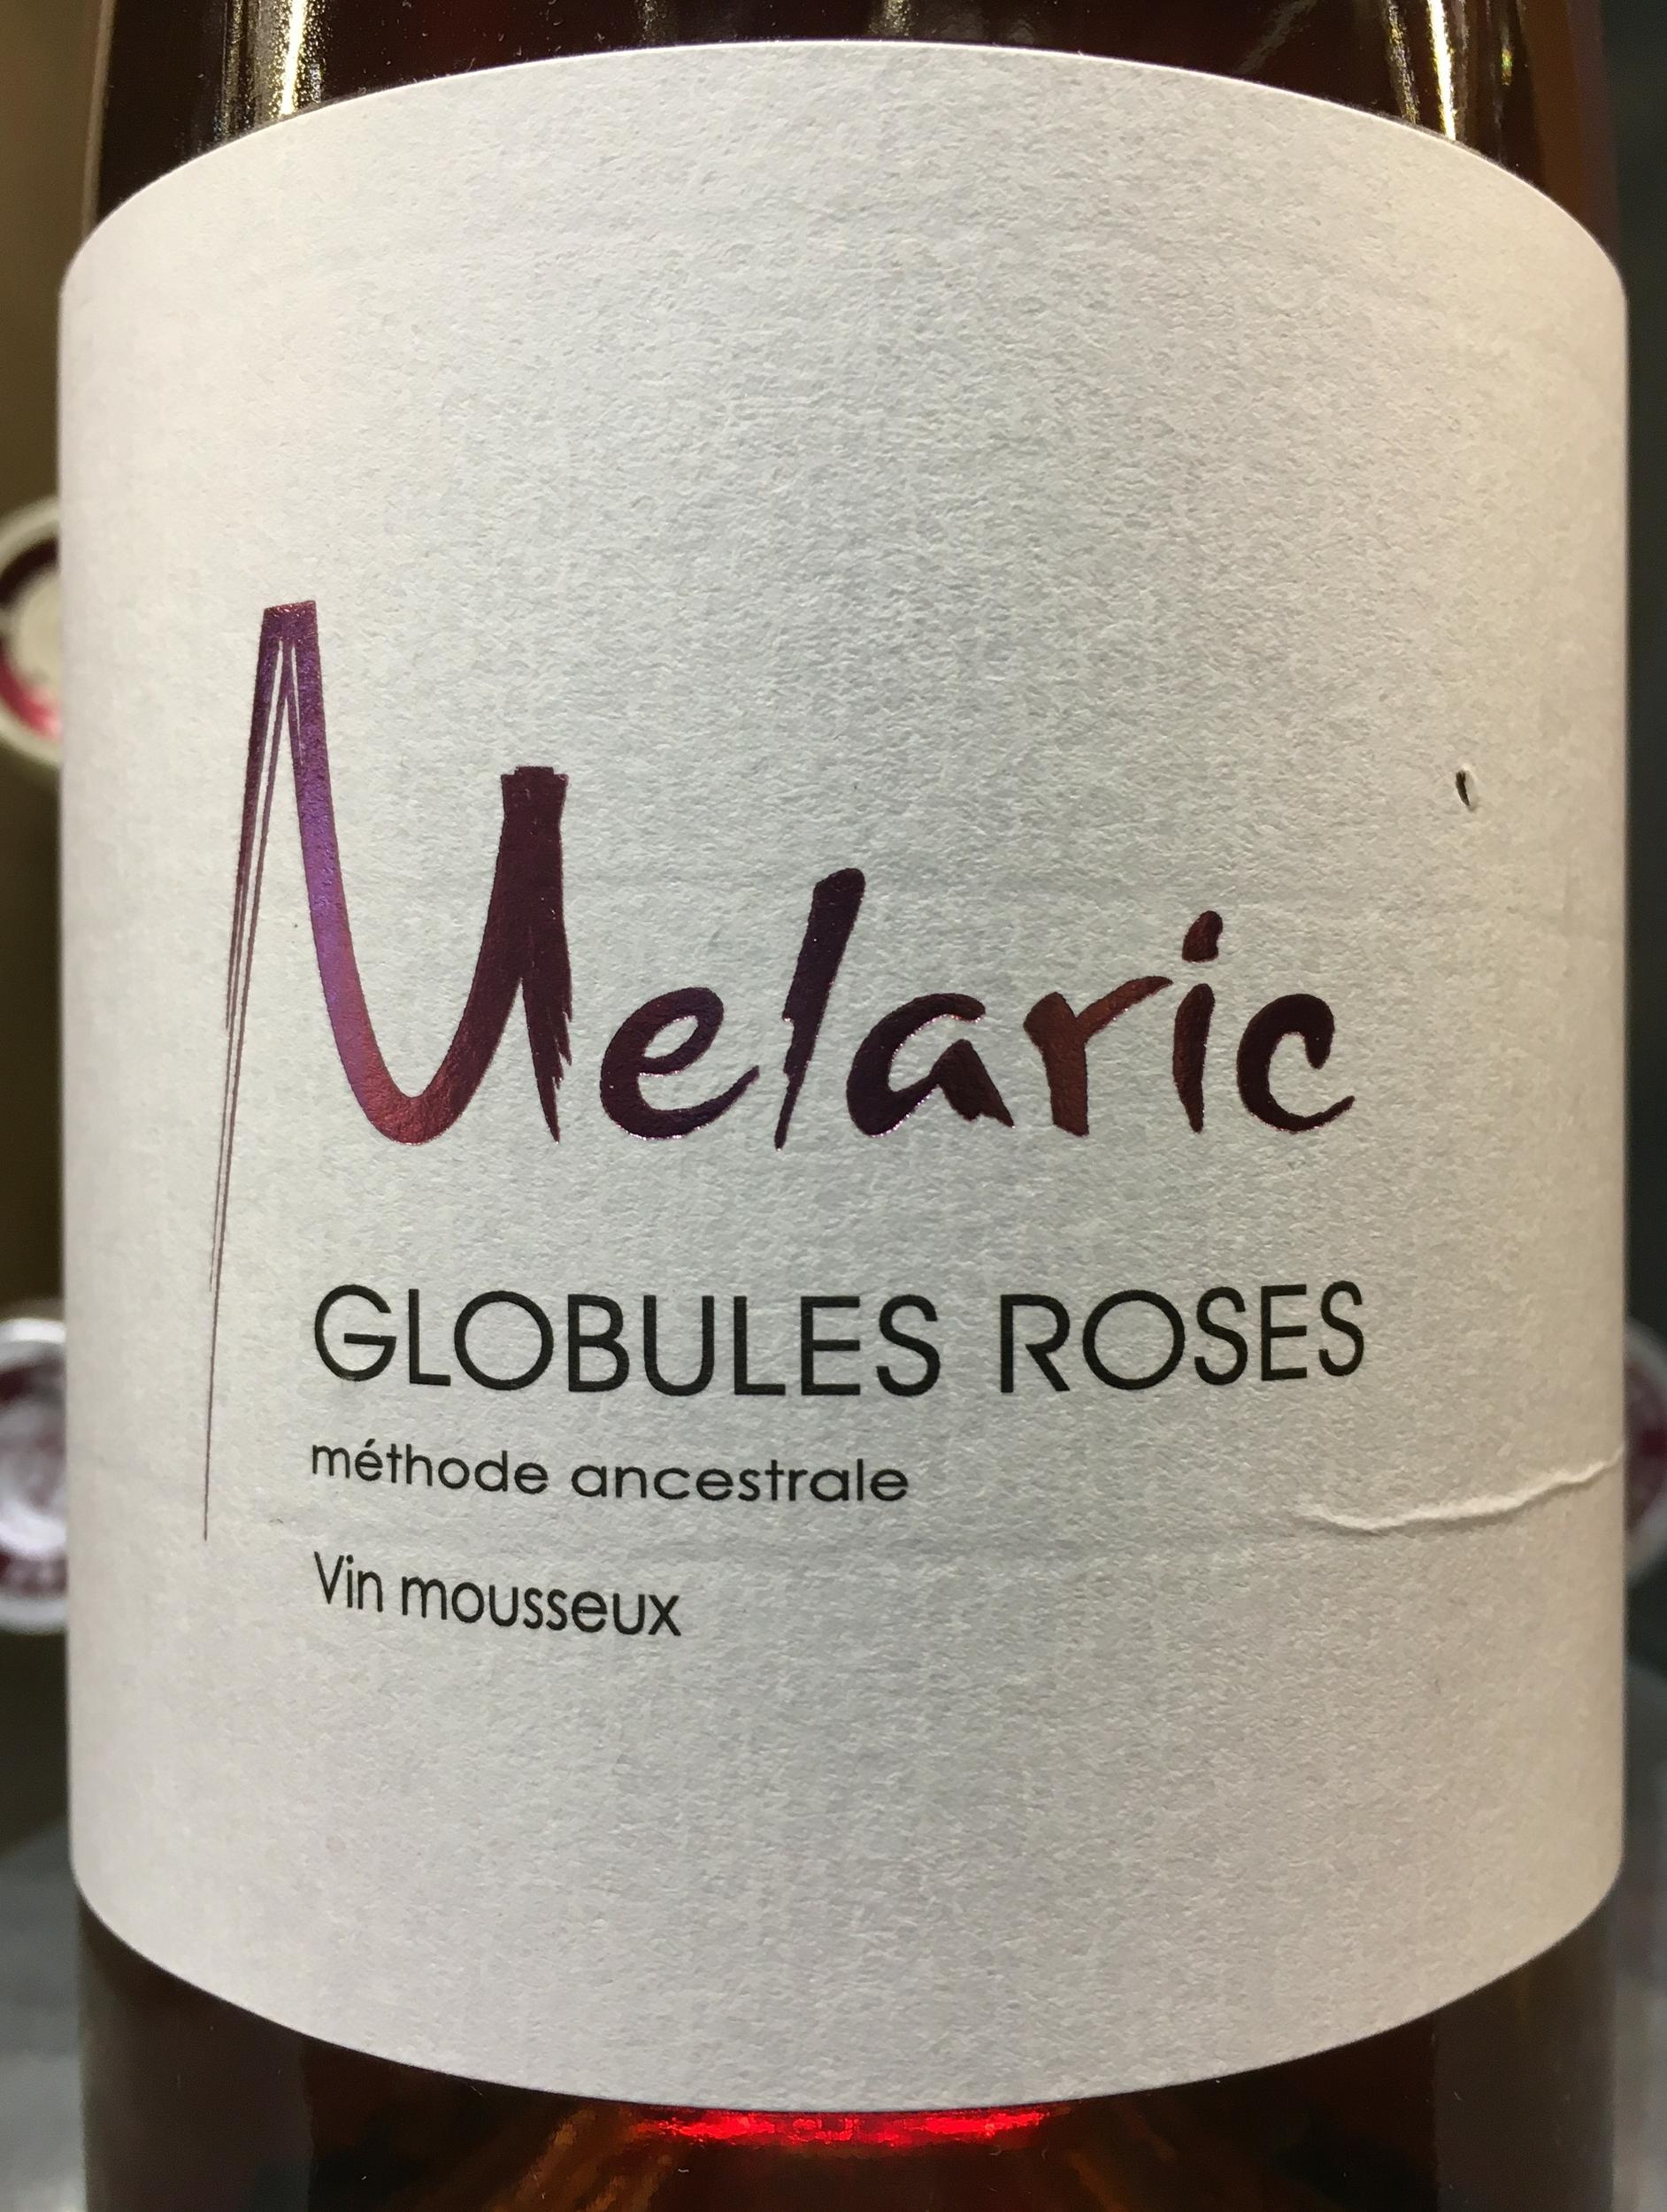 la nouvelle cave.globules roses.melaric.1